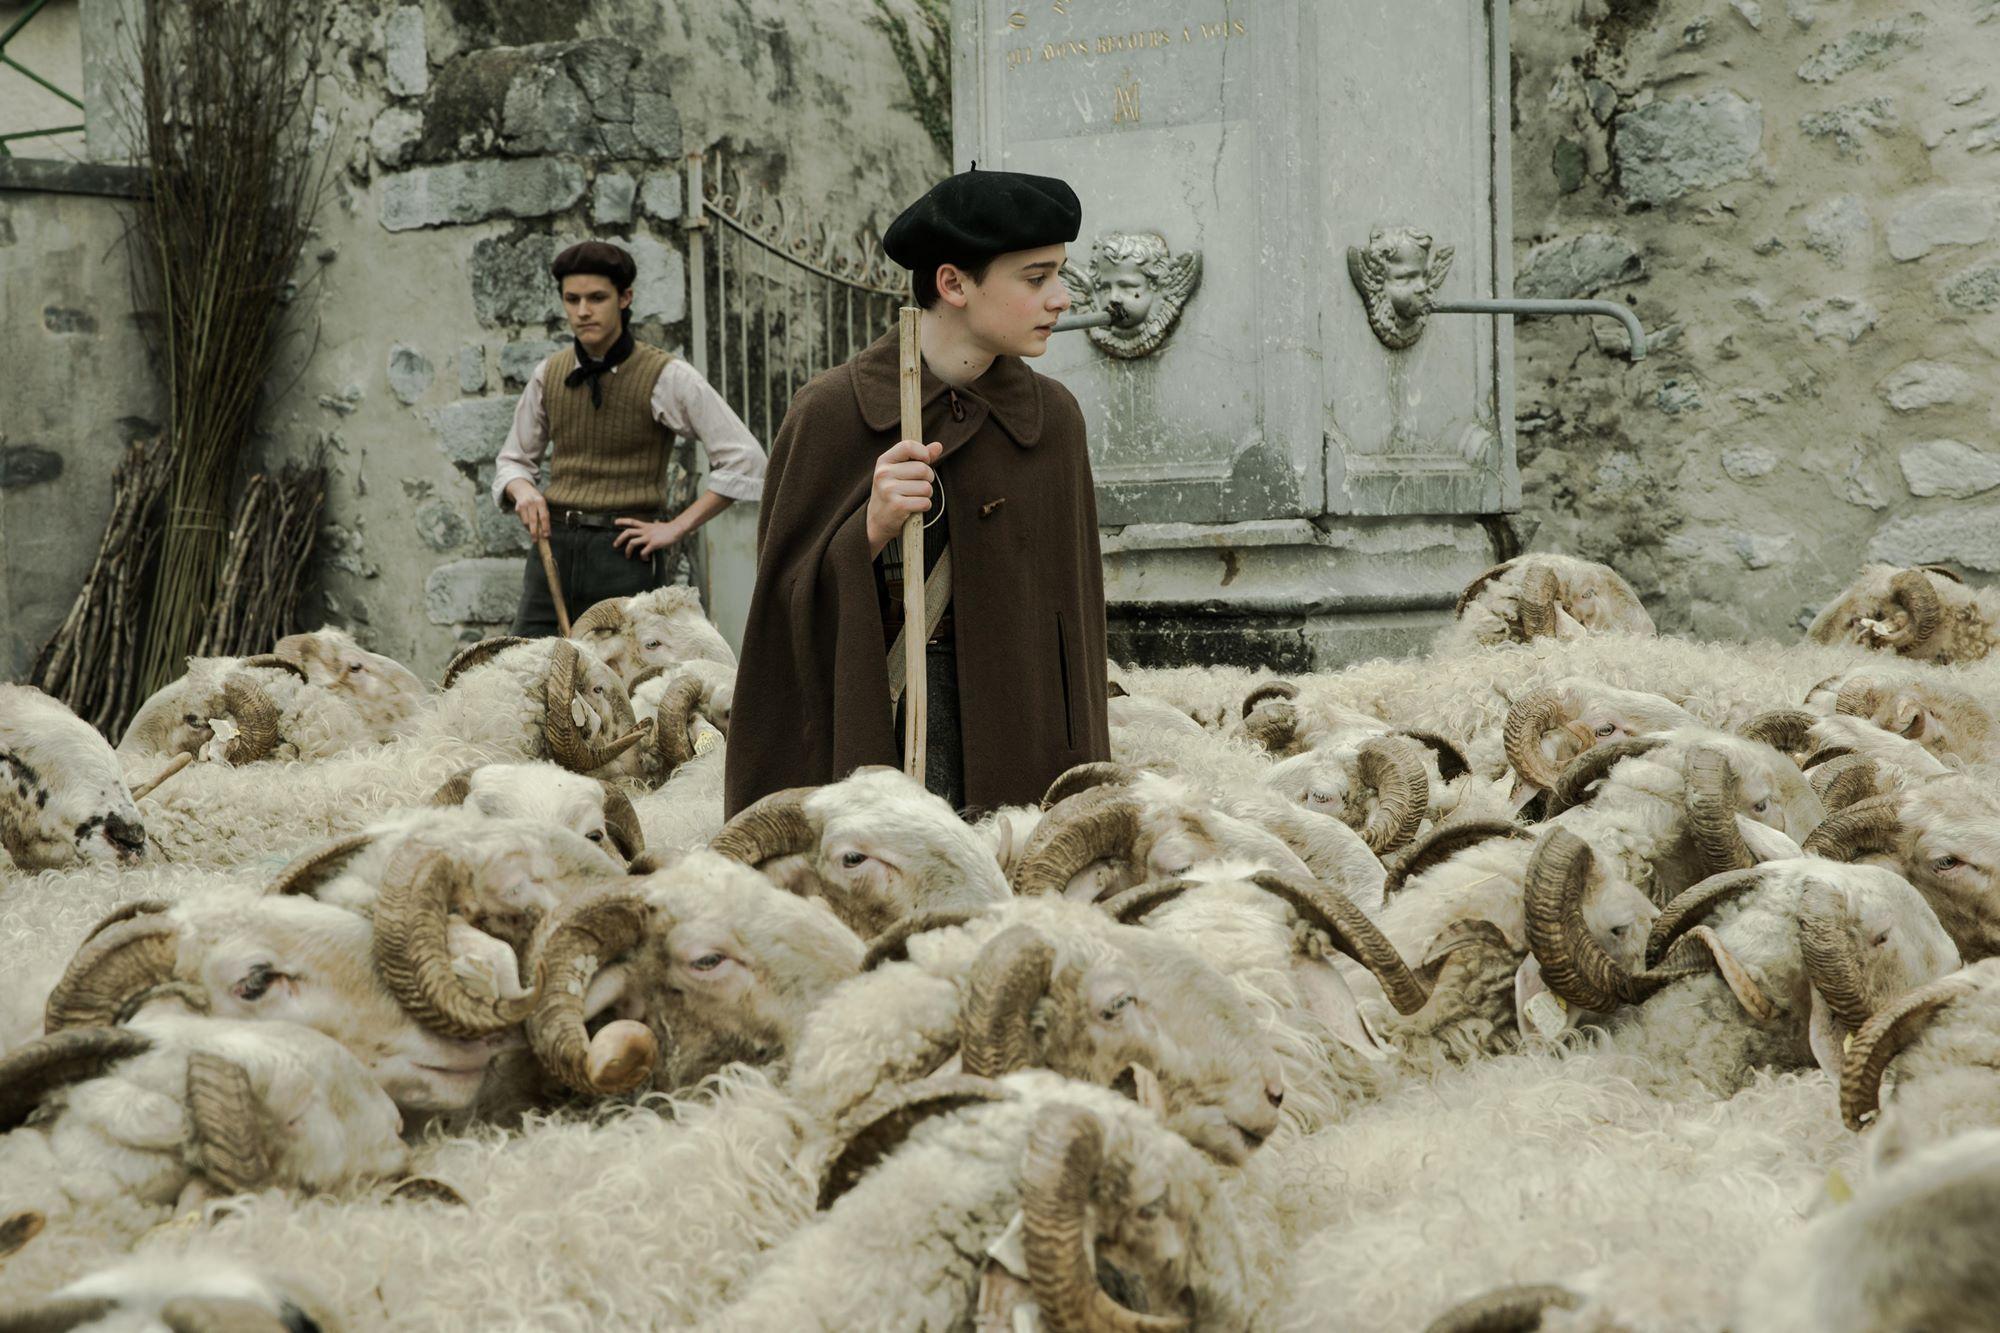 天才童星諾亞施納普不滿意自己在《怪奇物語》的髮型 認為自己比較適合當牧童